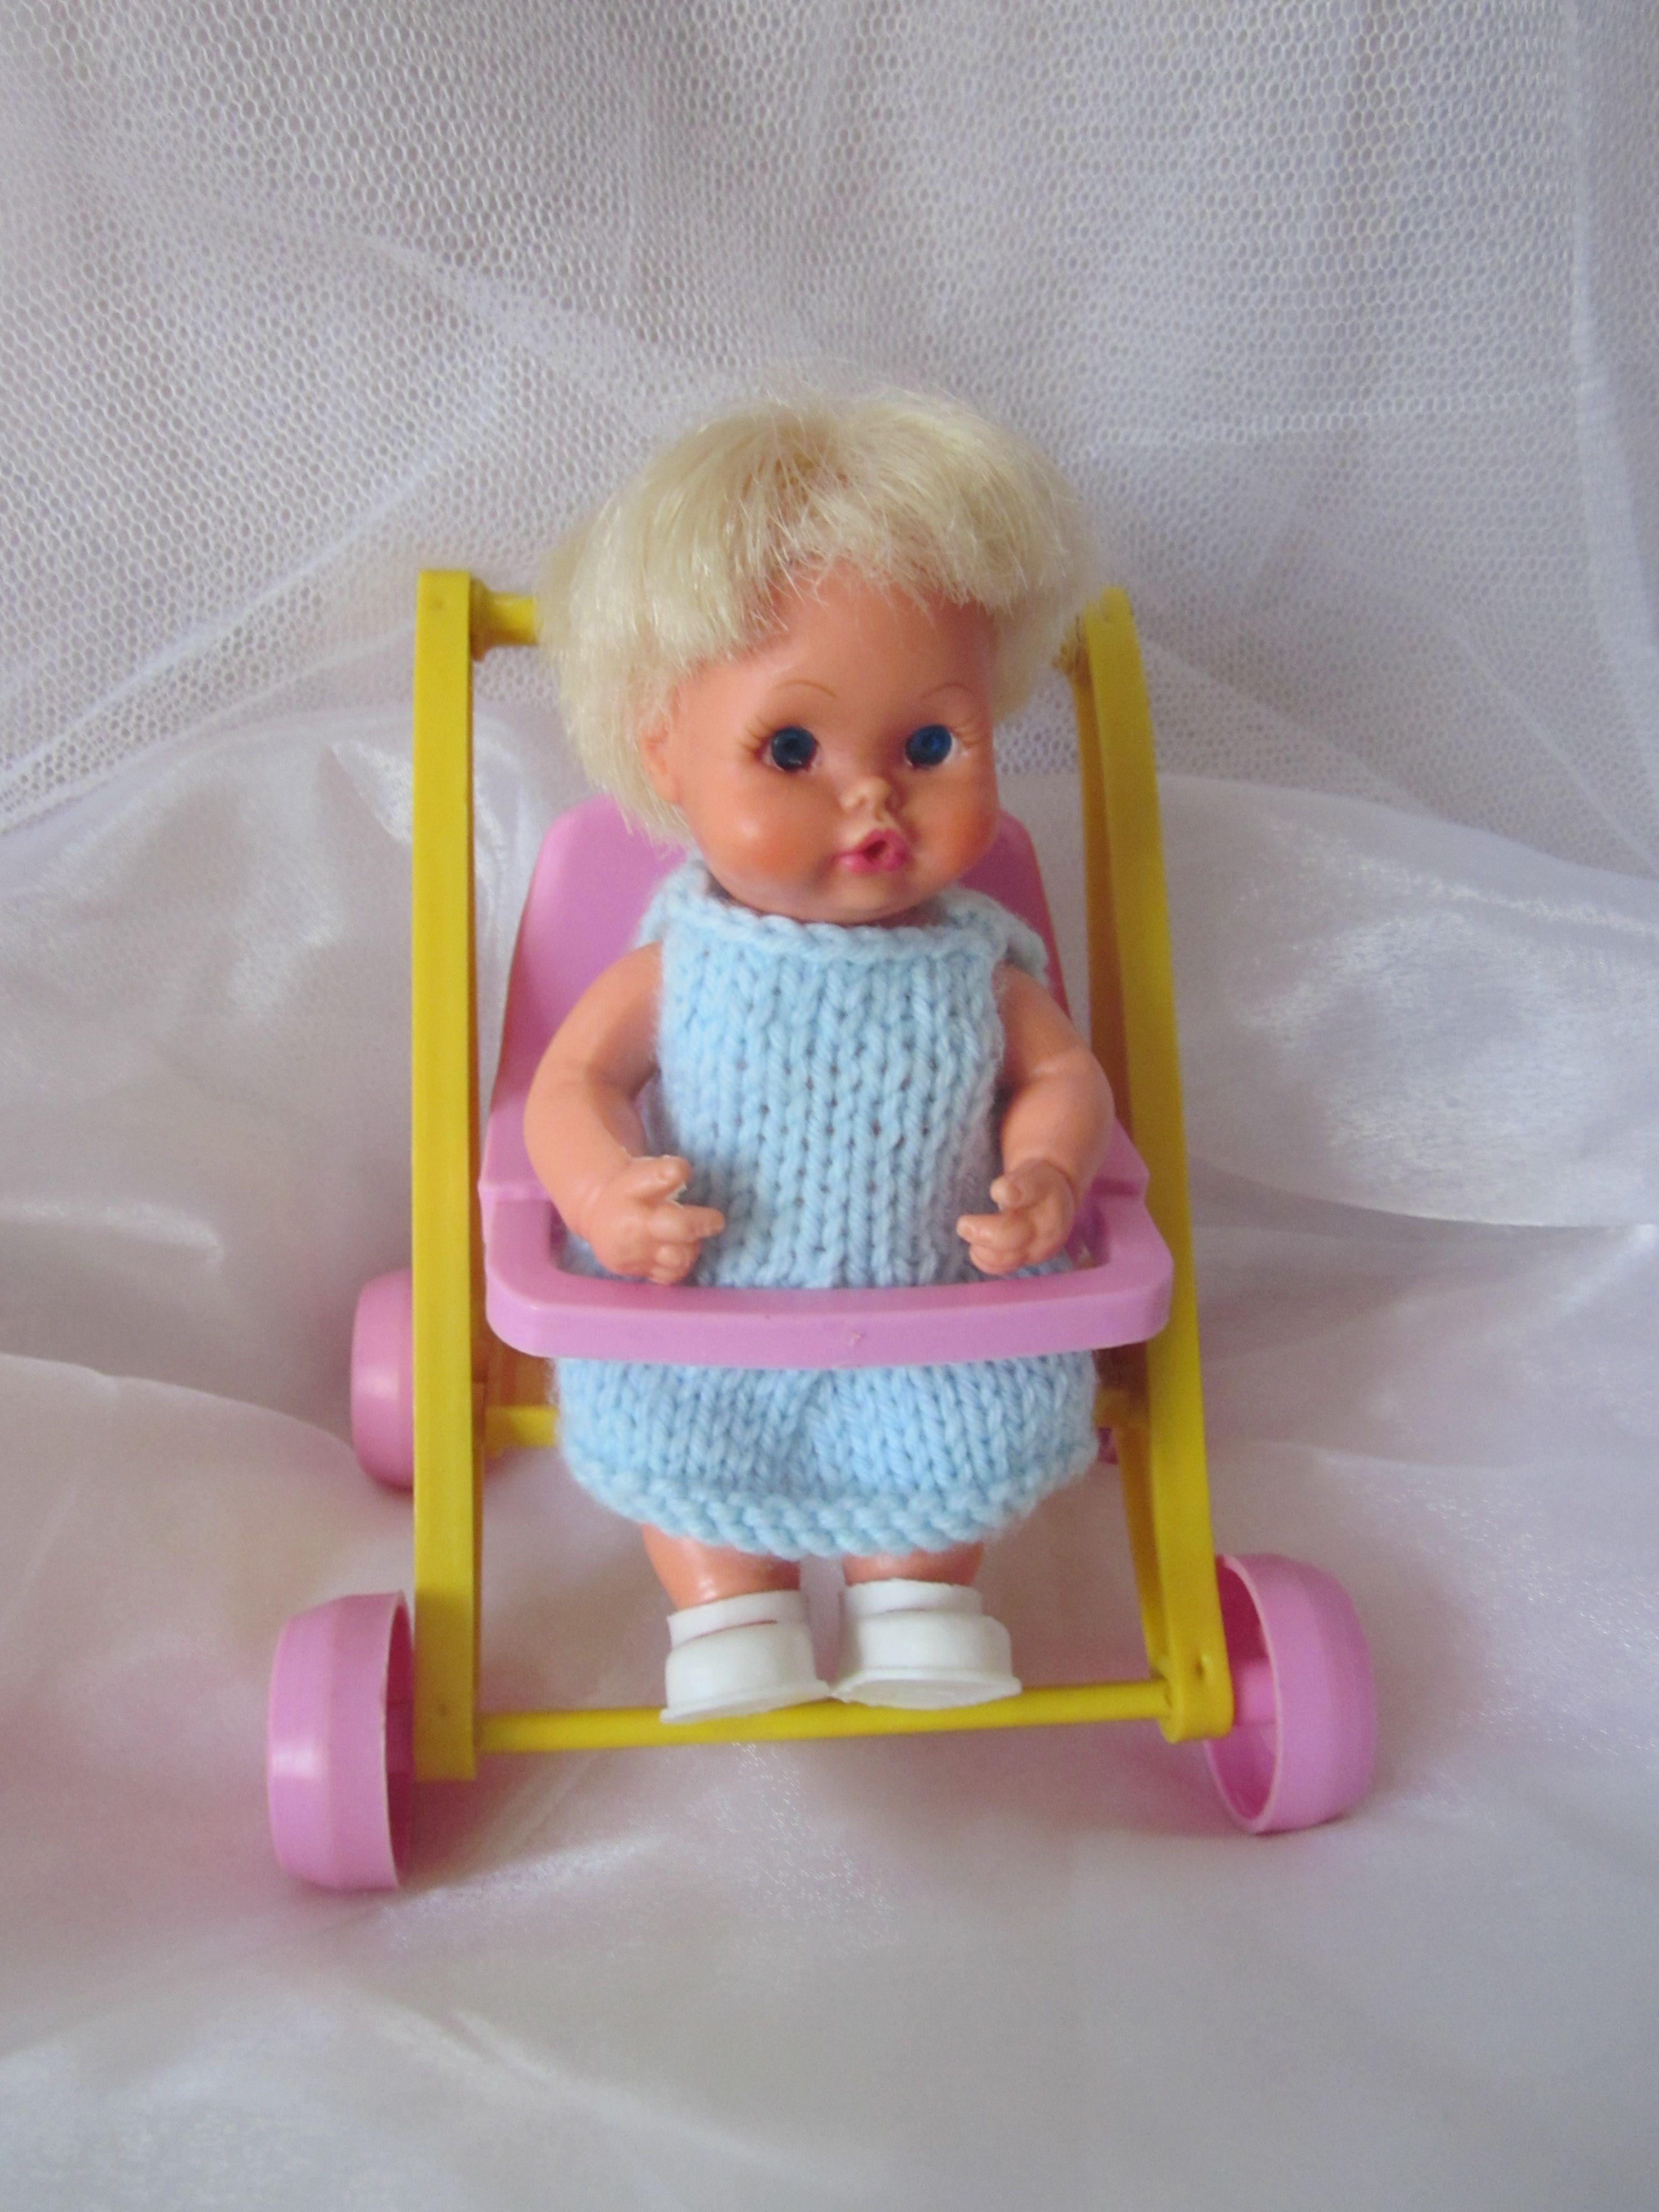 Sweet April in her 1972 Stroller Vintage DollsStrollers